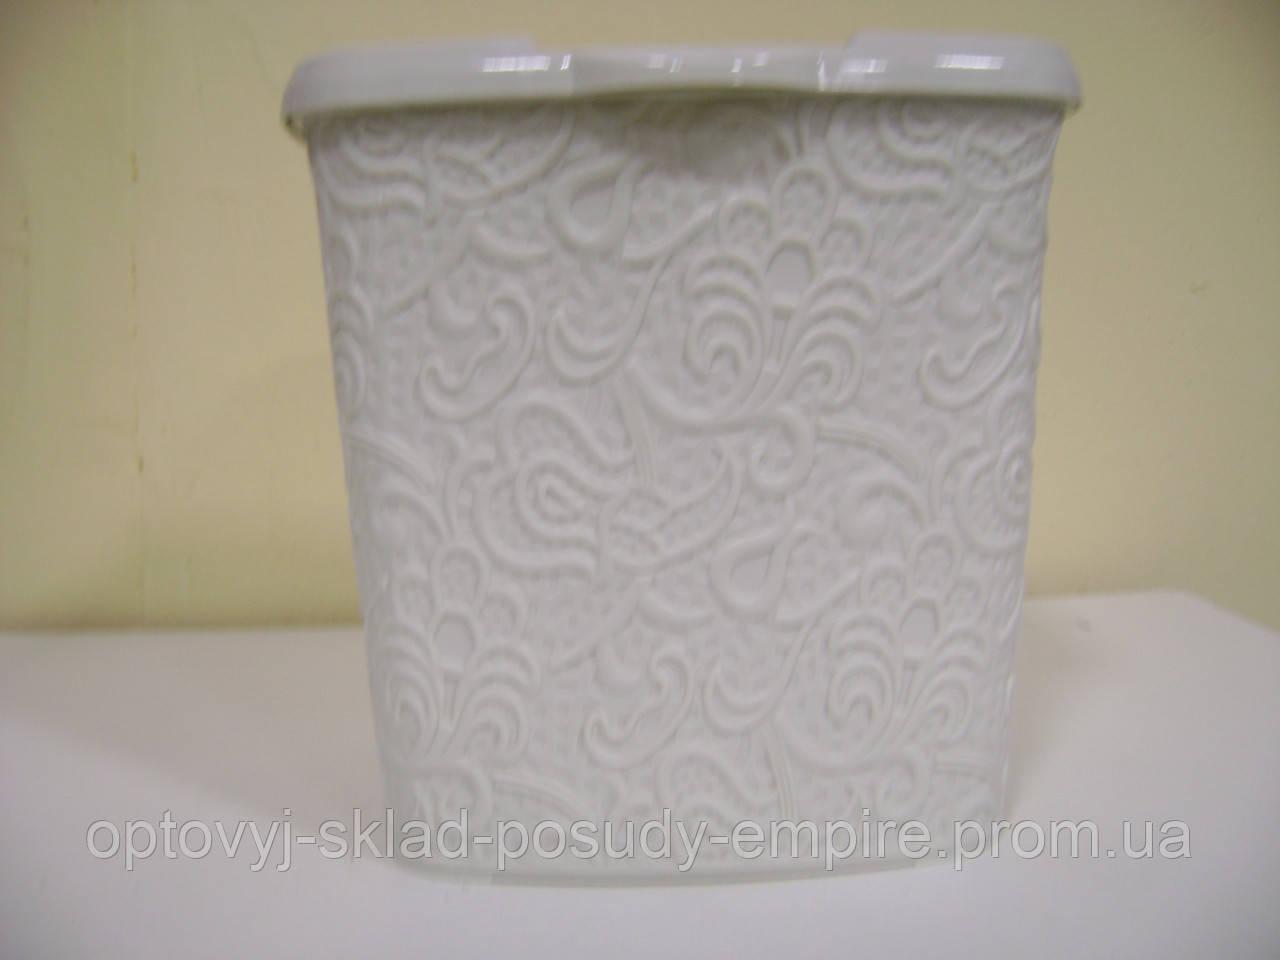 Корзинка для вещей с крышкой узорчатая 383 (топленое молоко)